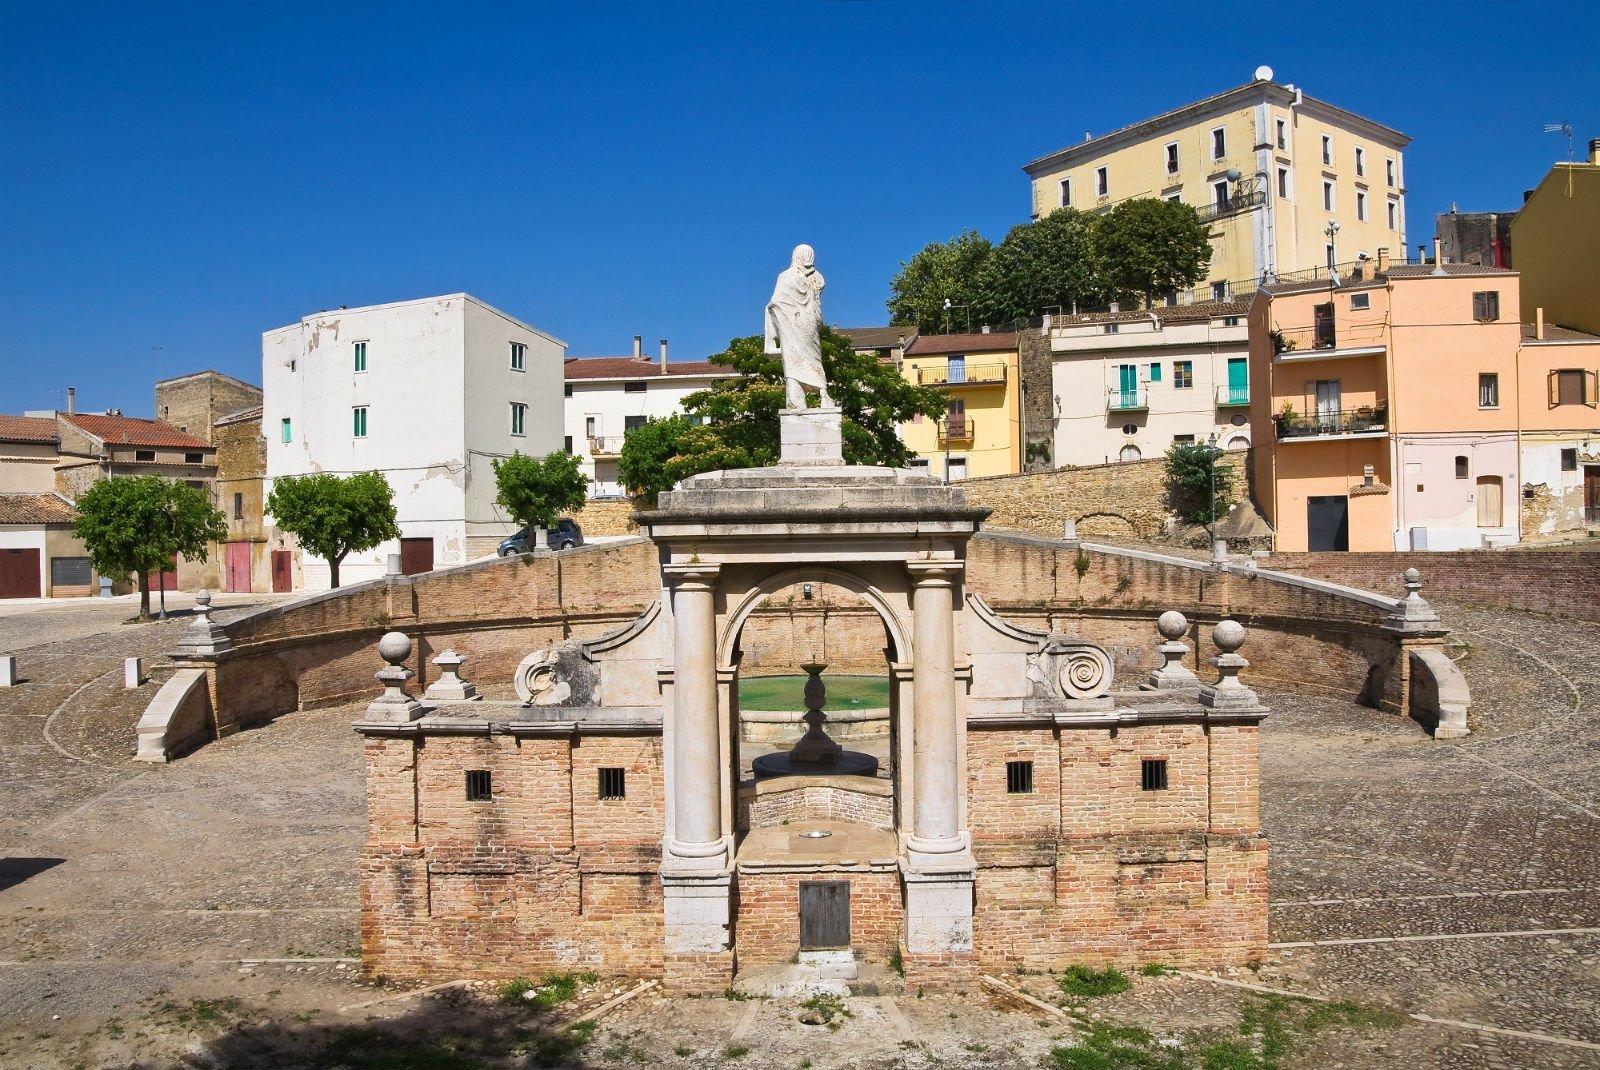 Statua, fontana e case sullo sfondo